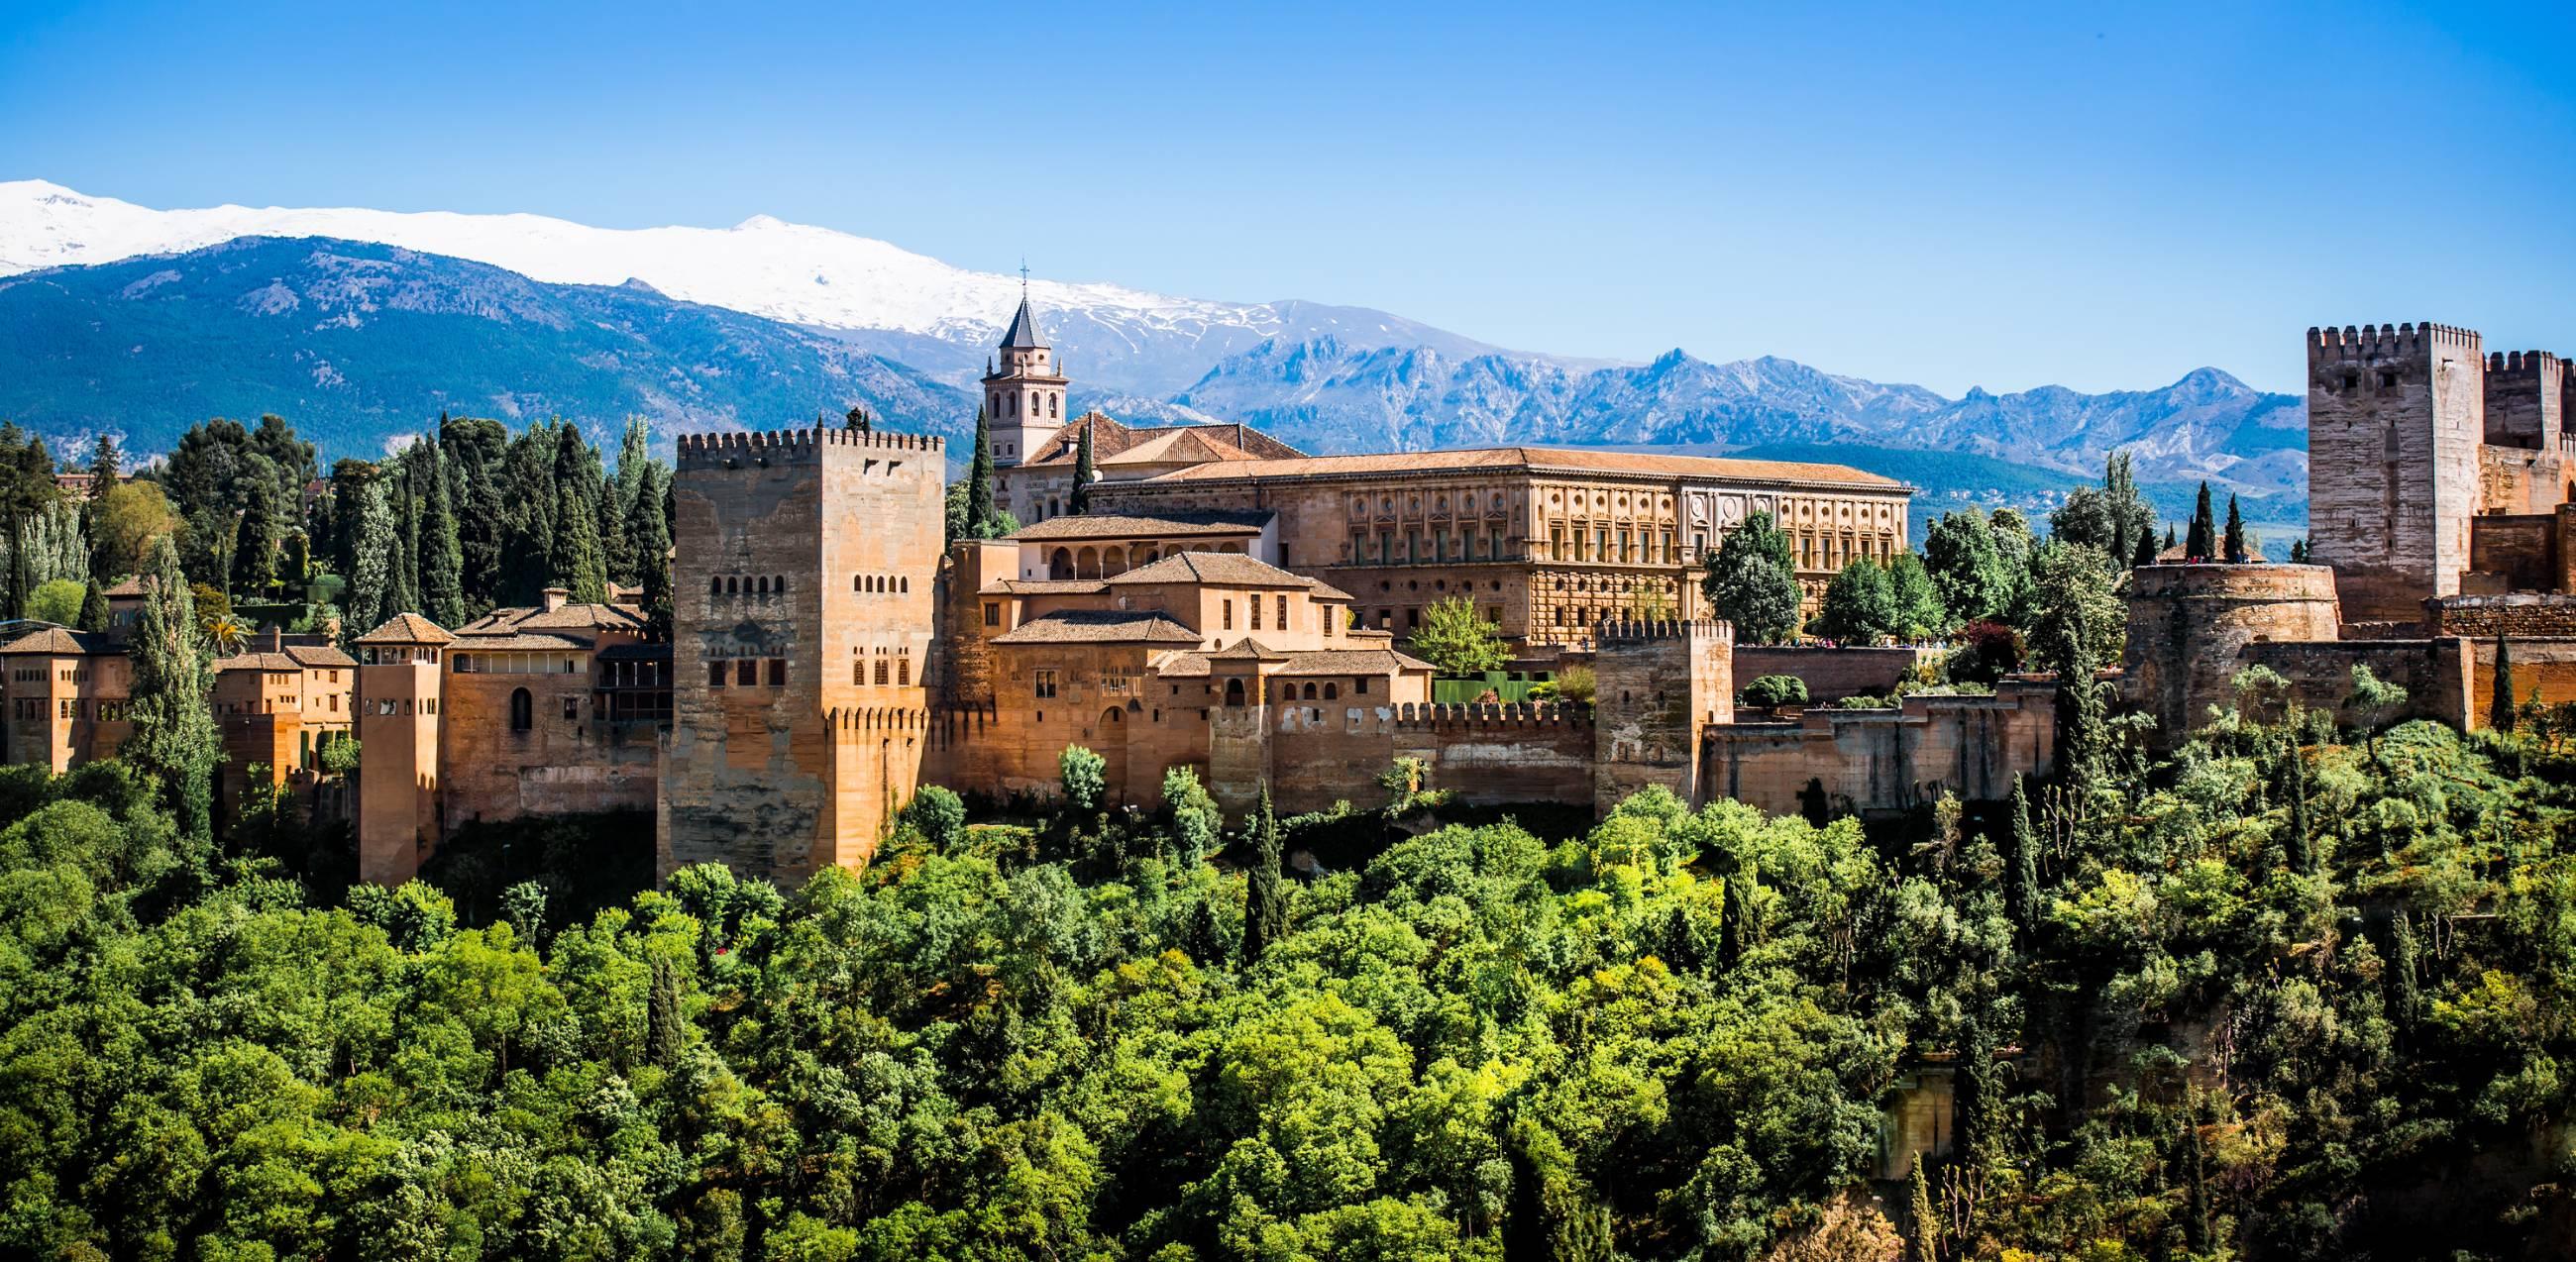 Warum-man-unbedingt-einen-Tag-in-Alhambra-verbringen-sollte